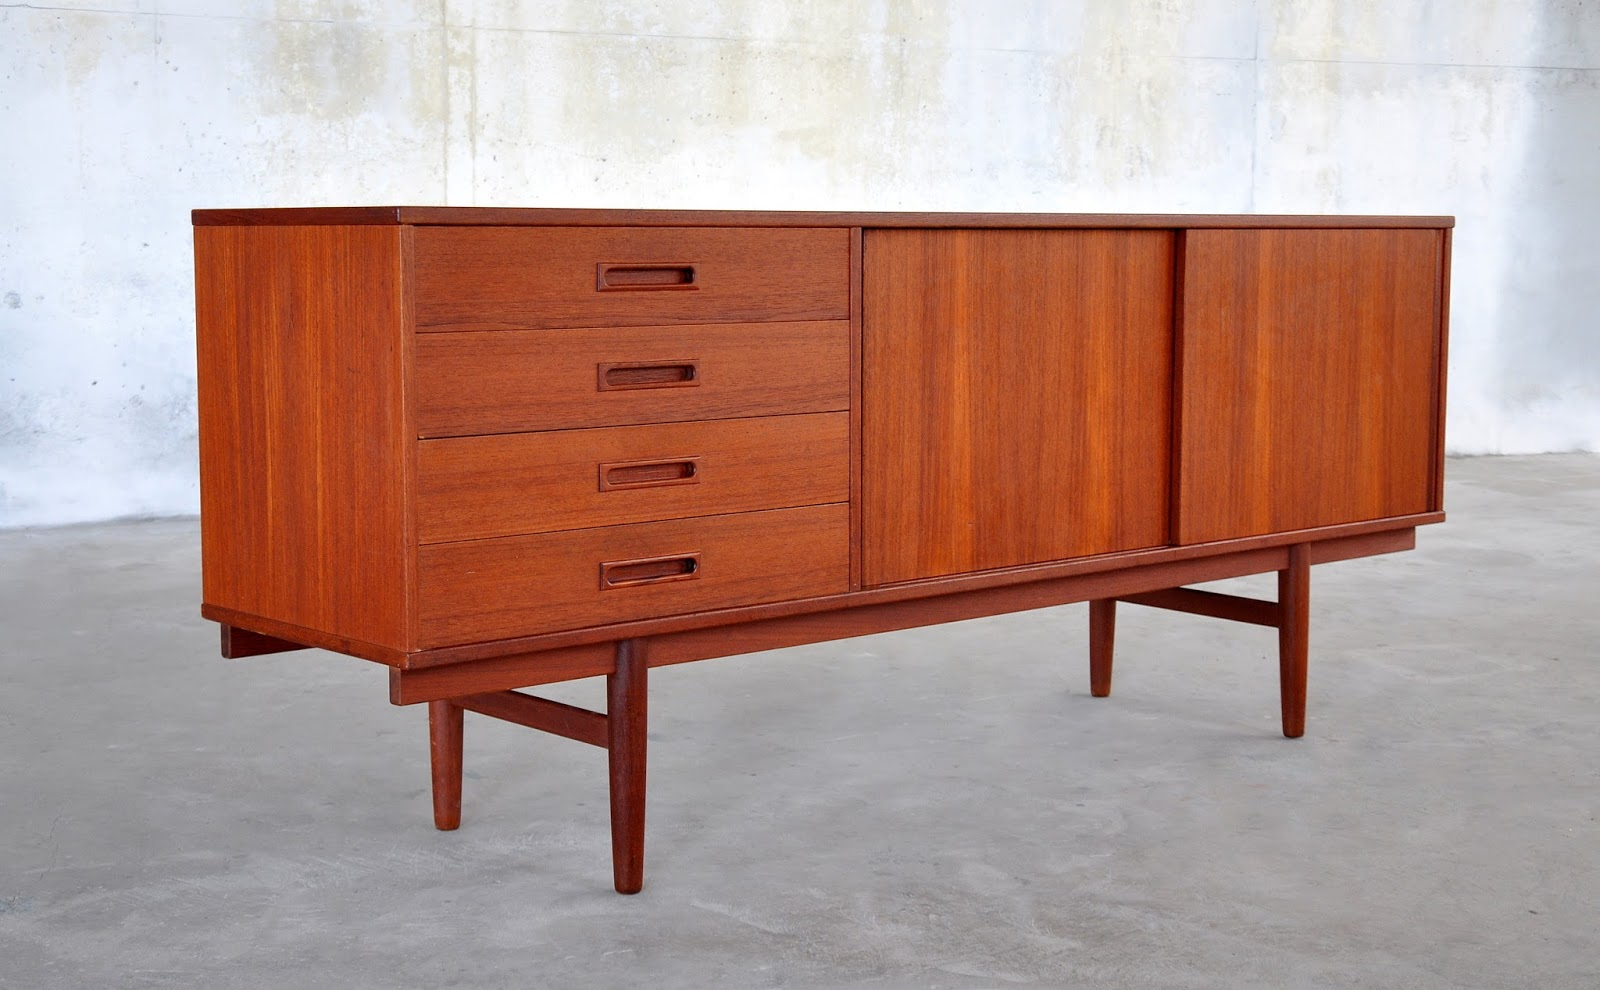 SELECT MODERN Danish Modern Teak Credenza, Buffet, Sideboard or Bar